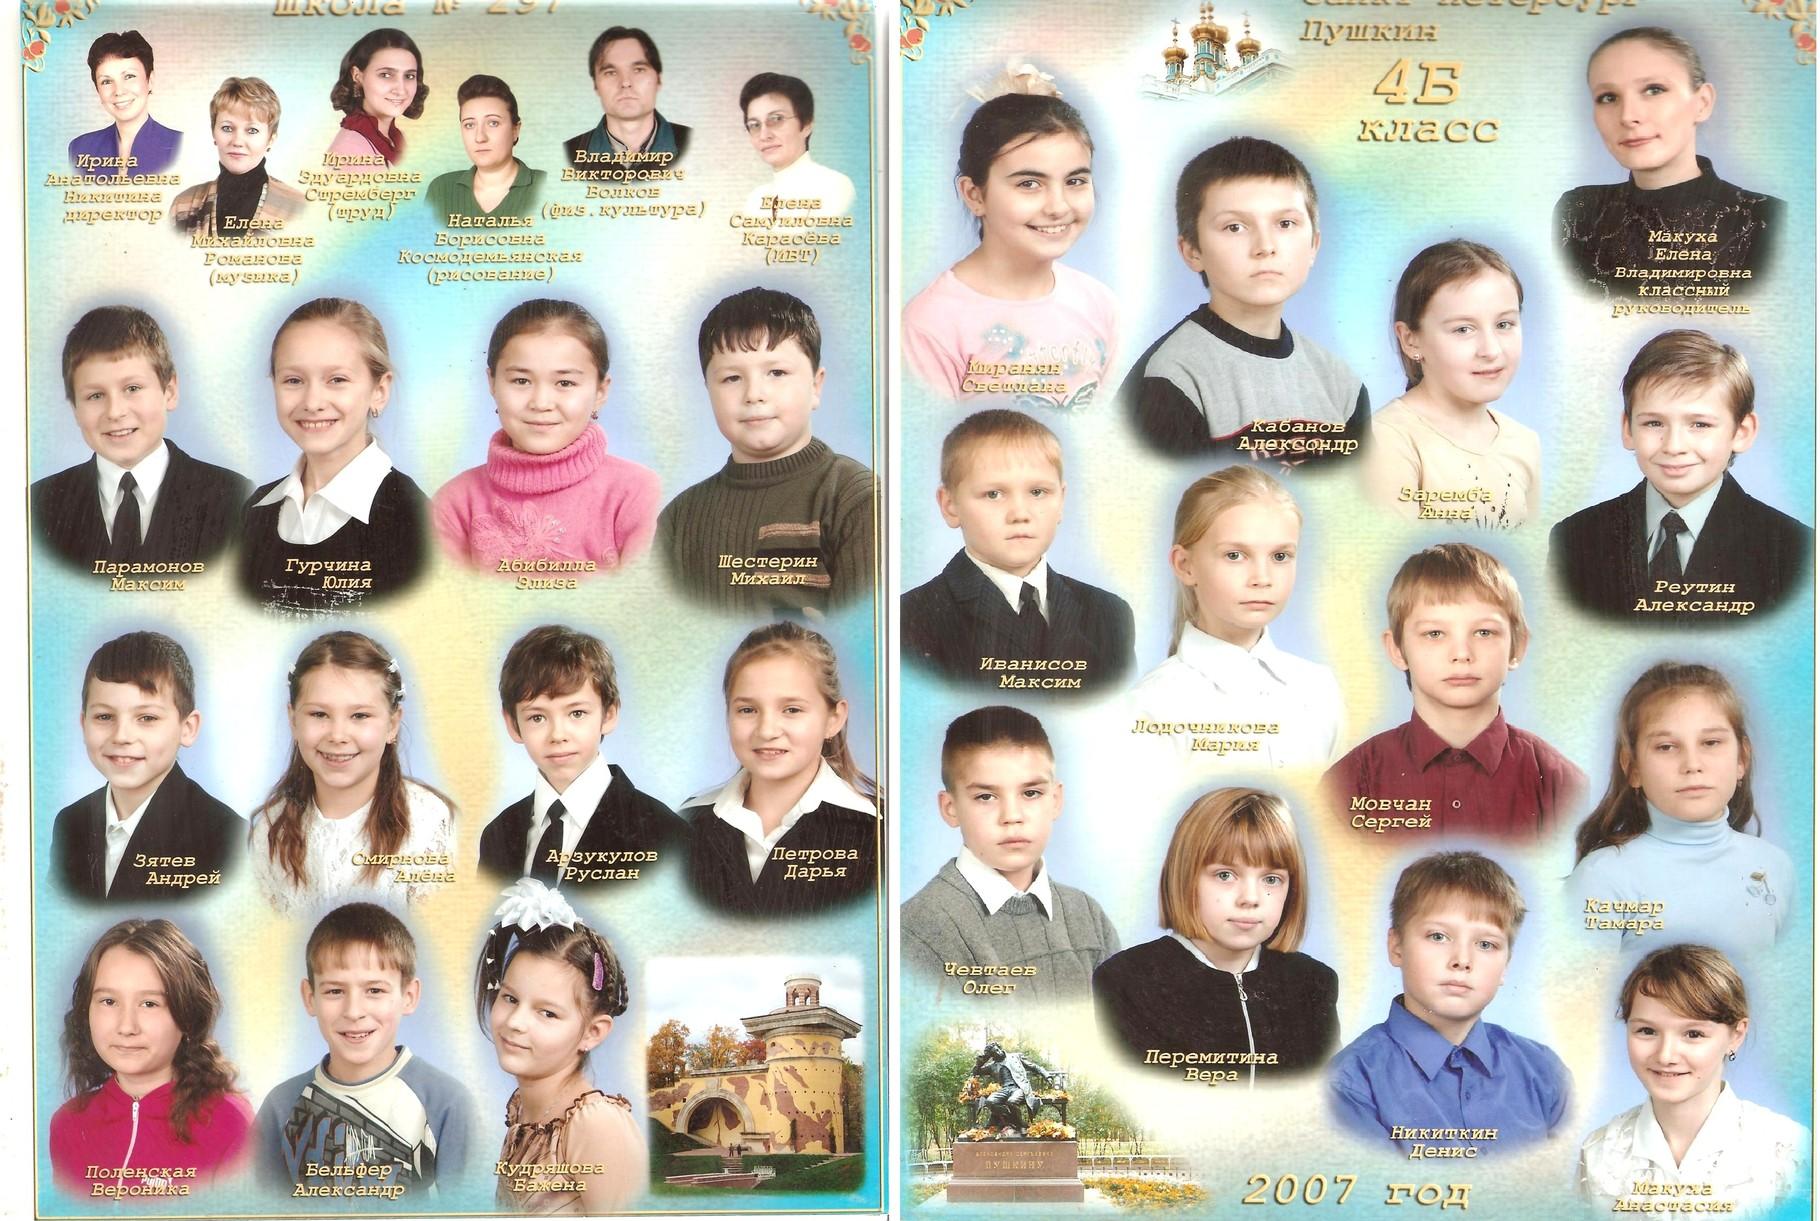 выпуск 2003-2007 года